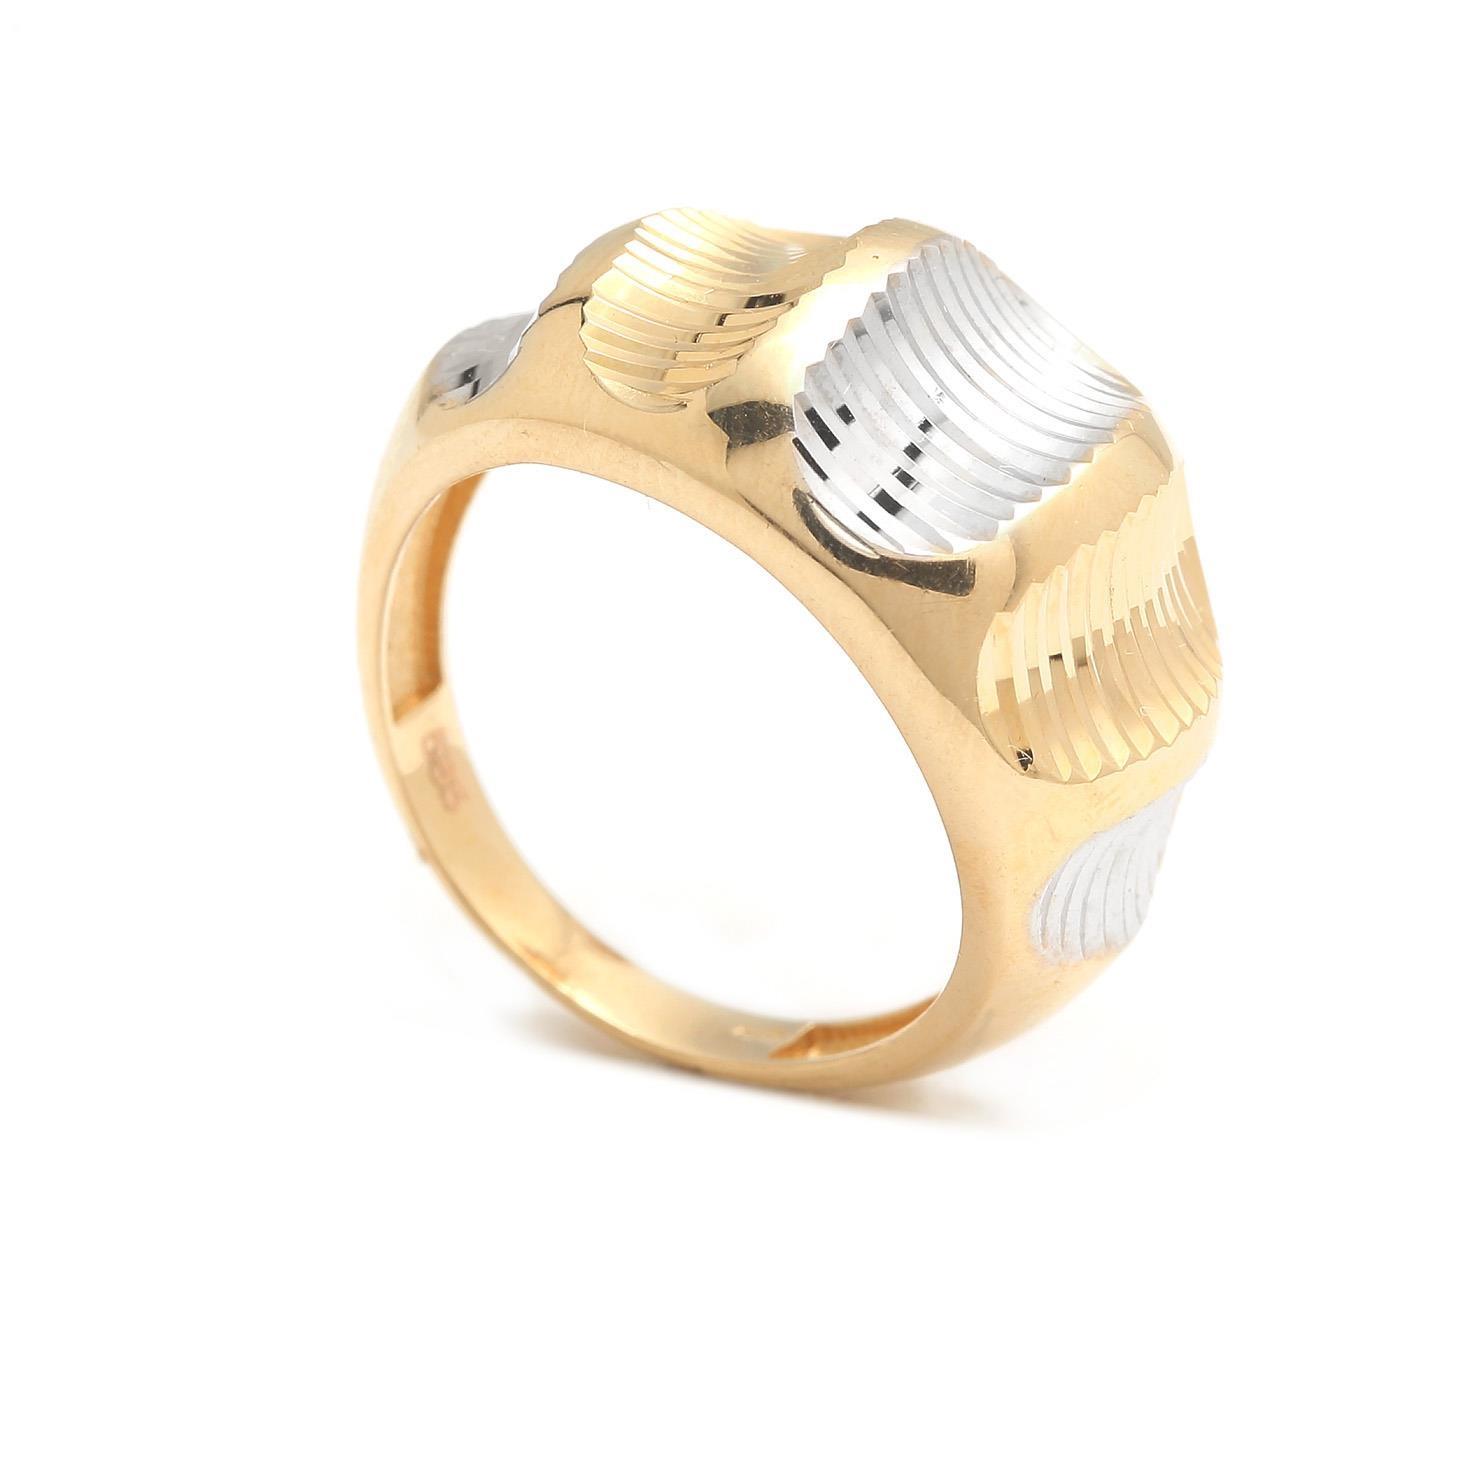 Zlatý dámsky prsteň ADIRA